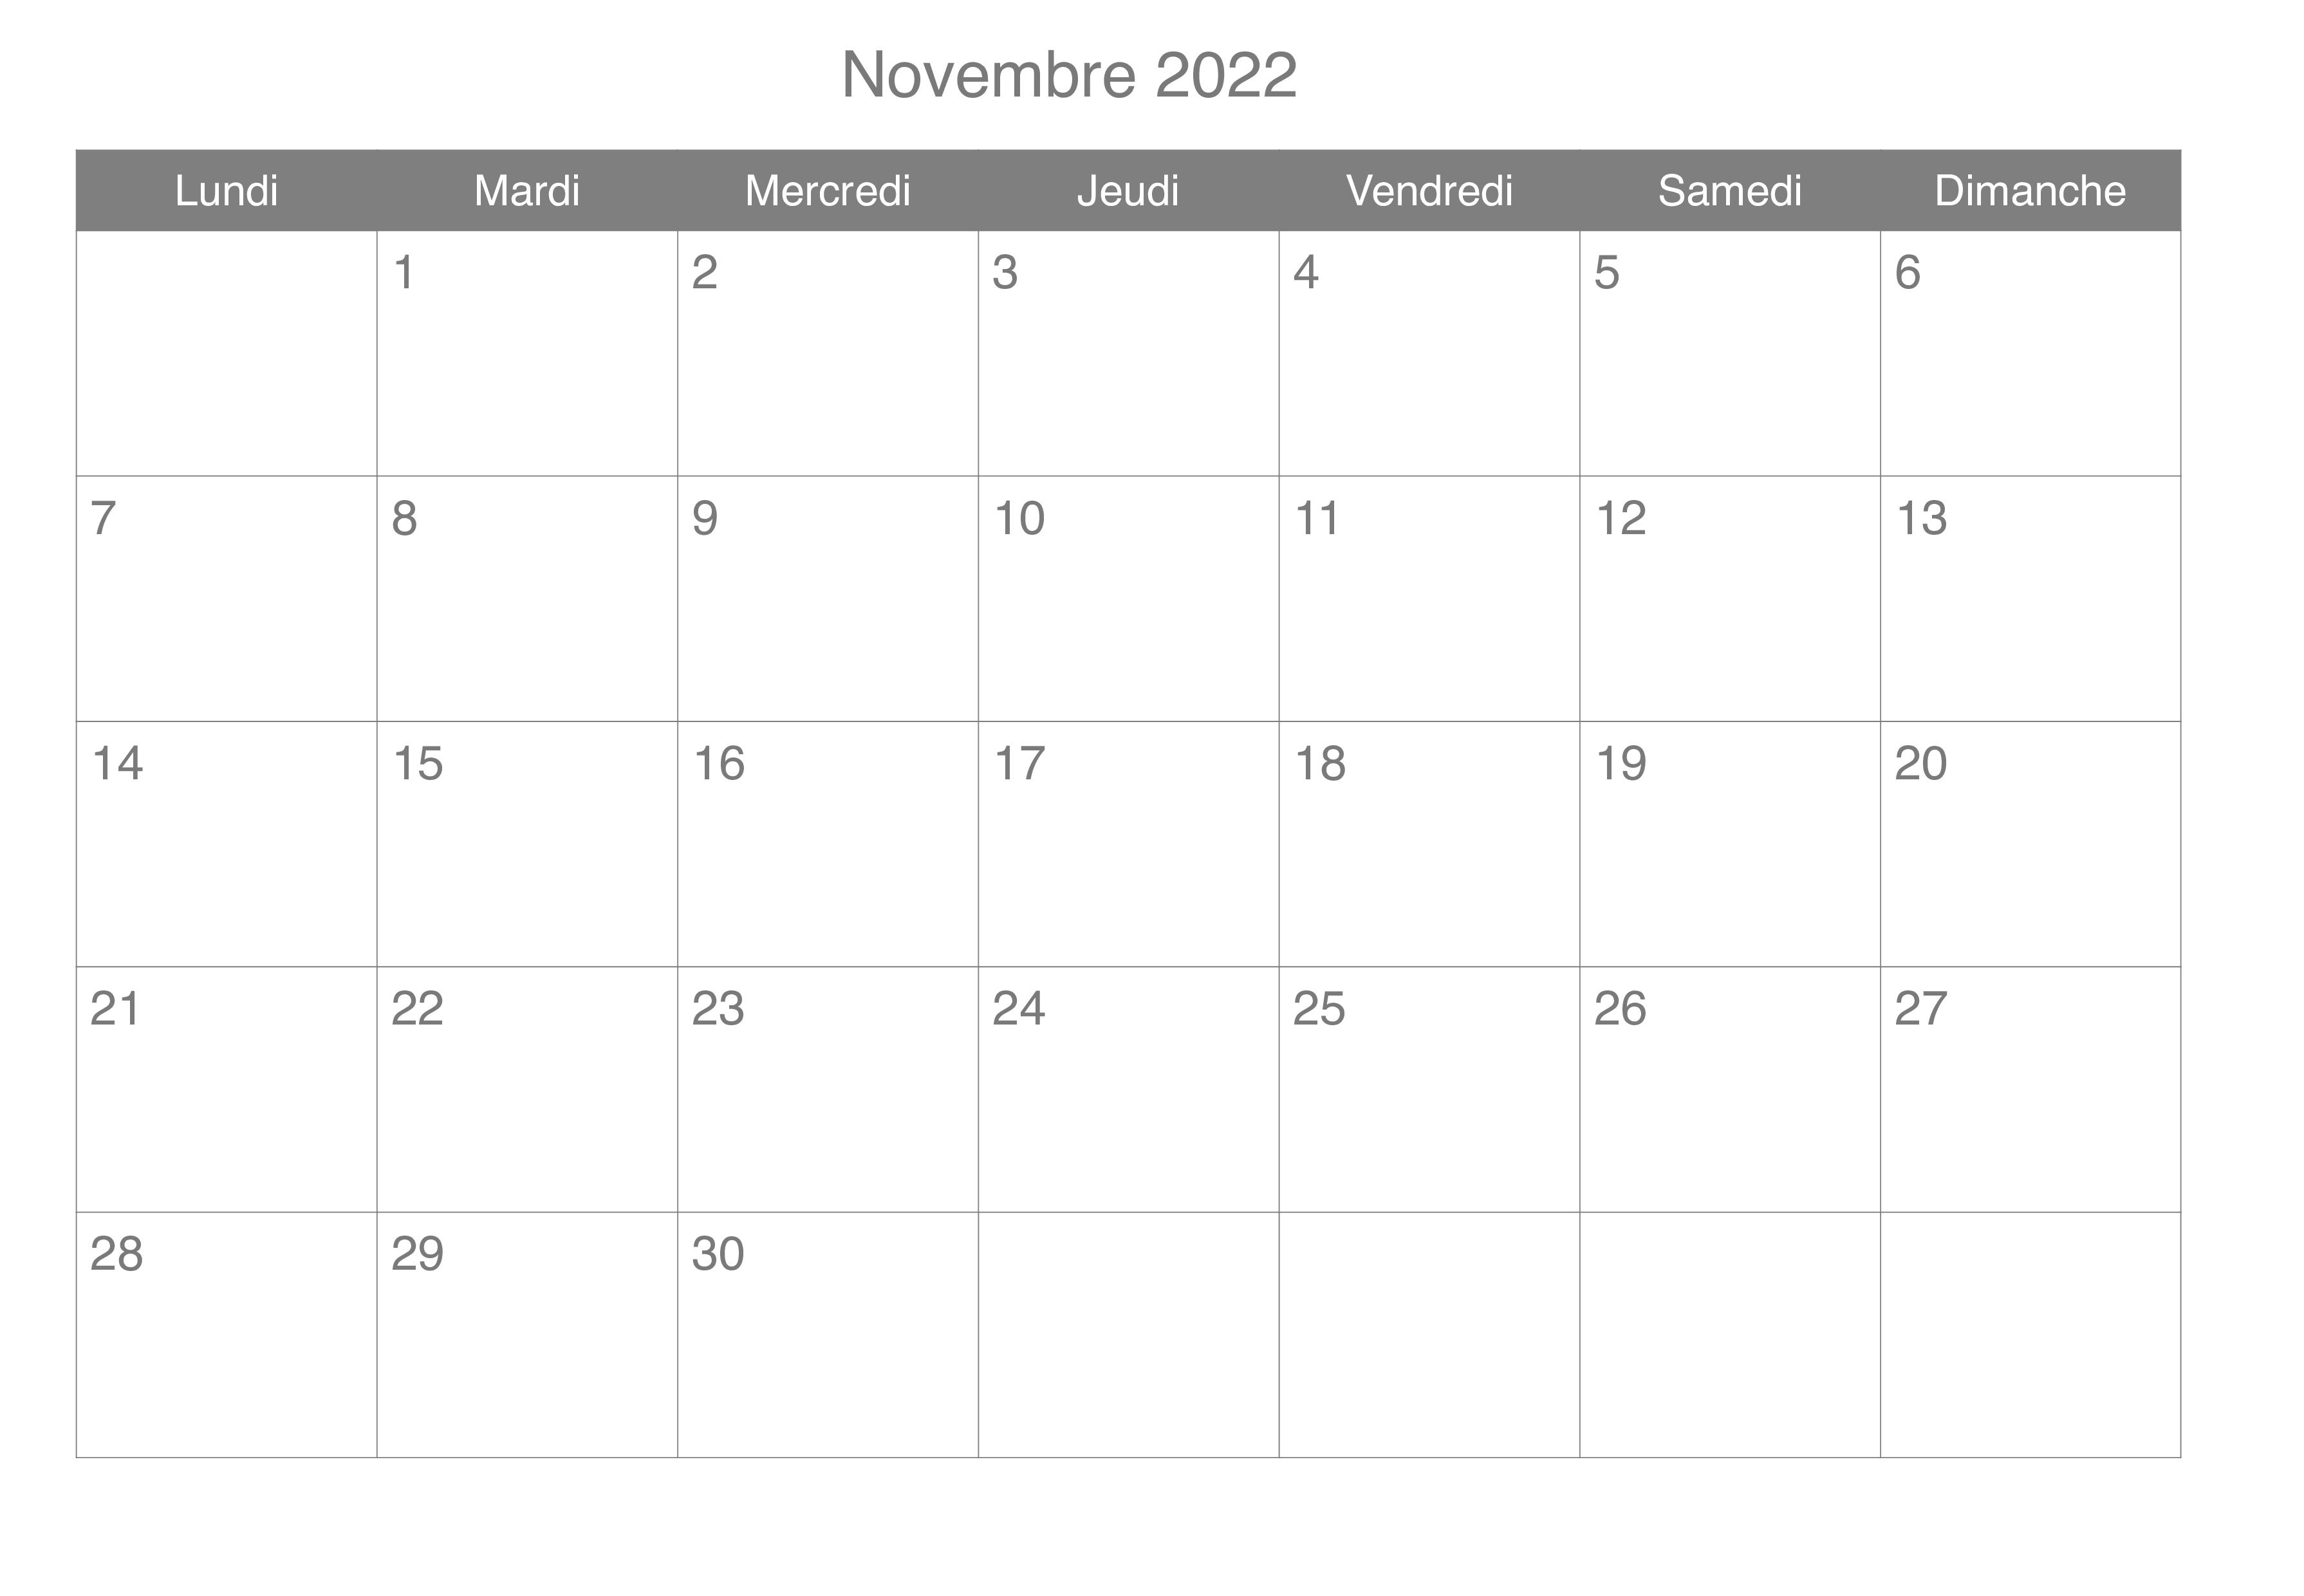 Novembre Vacances 2022 Calendrier